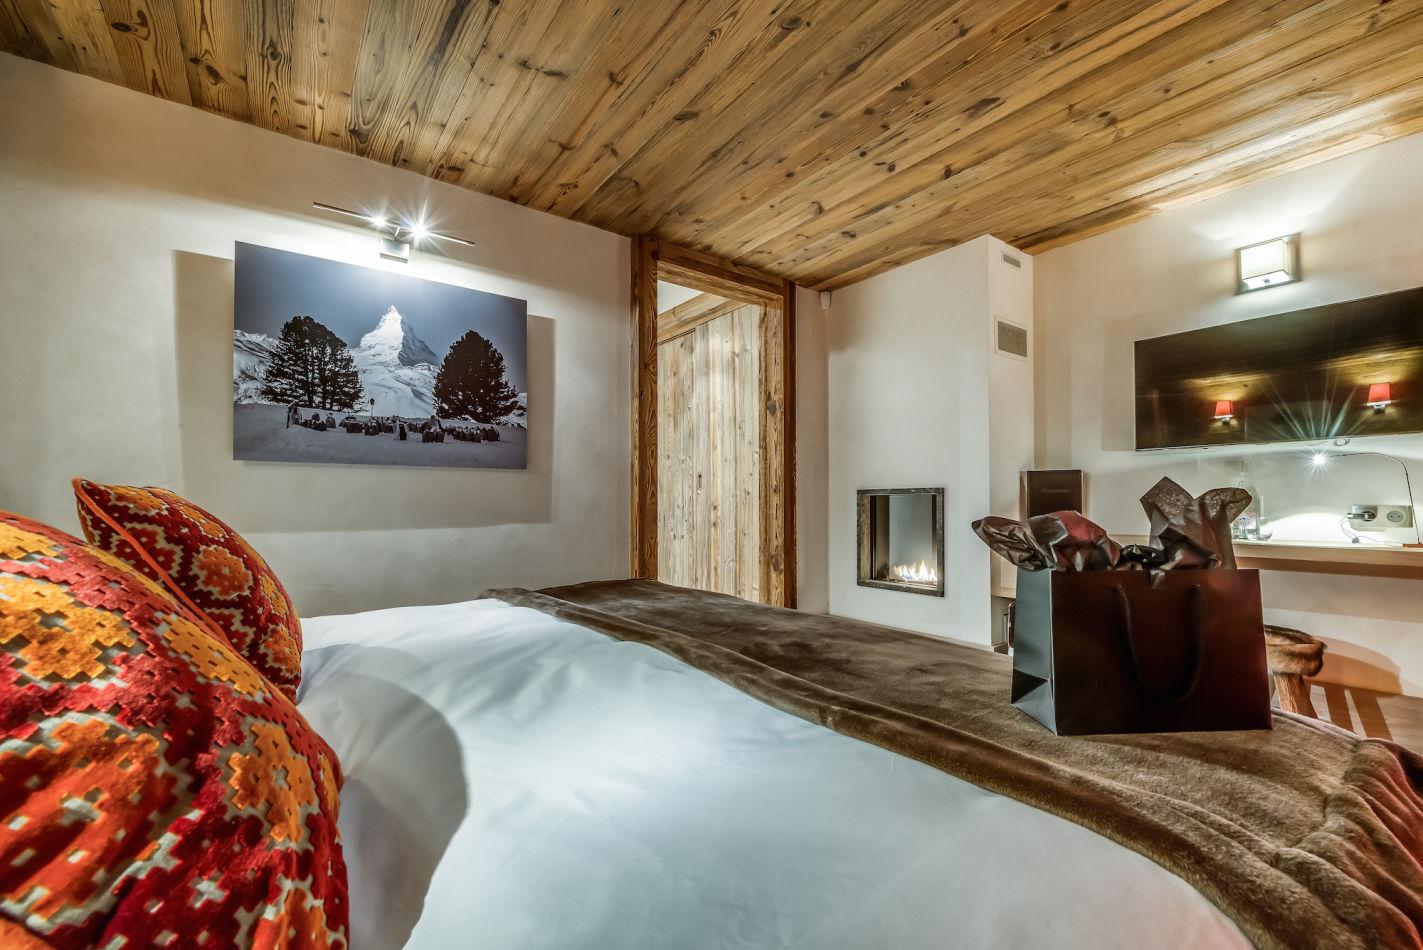 mont-tremblant-bedroom-4